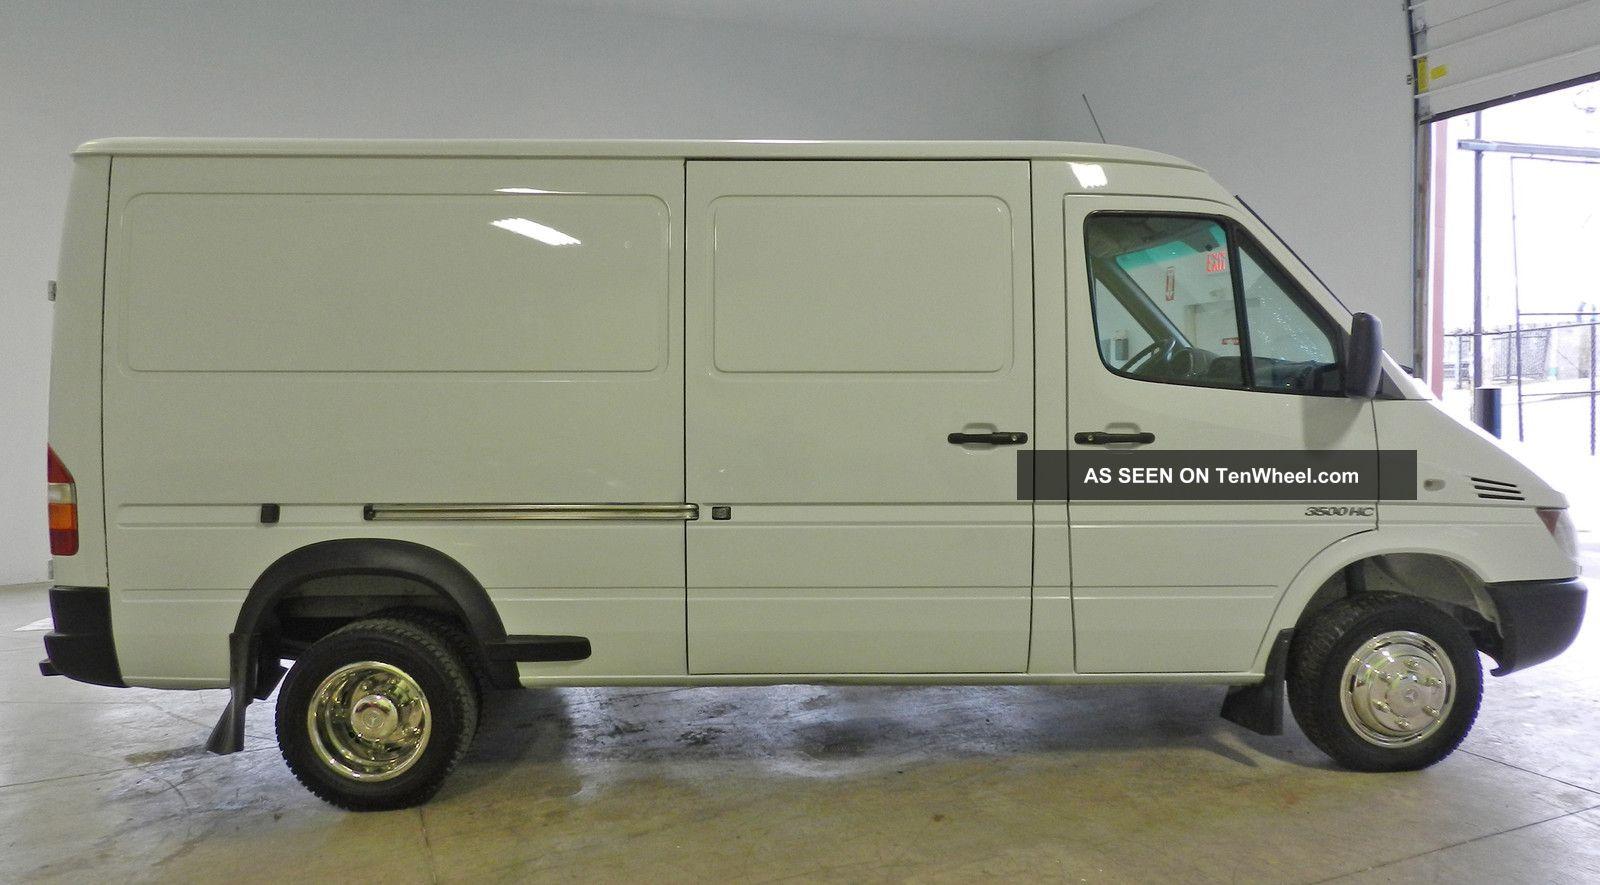 Freightliner 3500 Sprinter Van Conversion